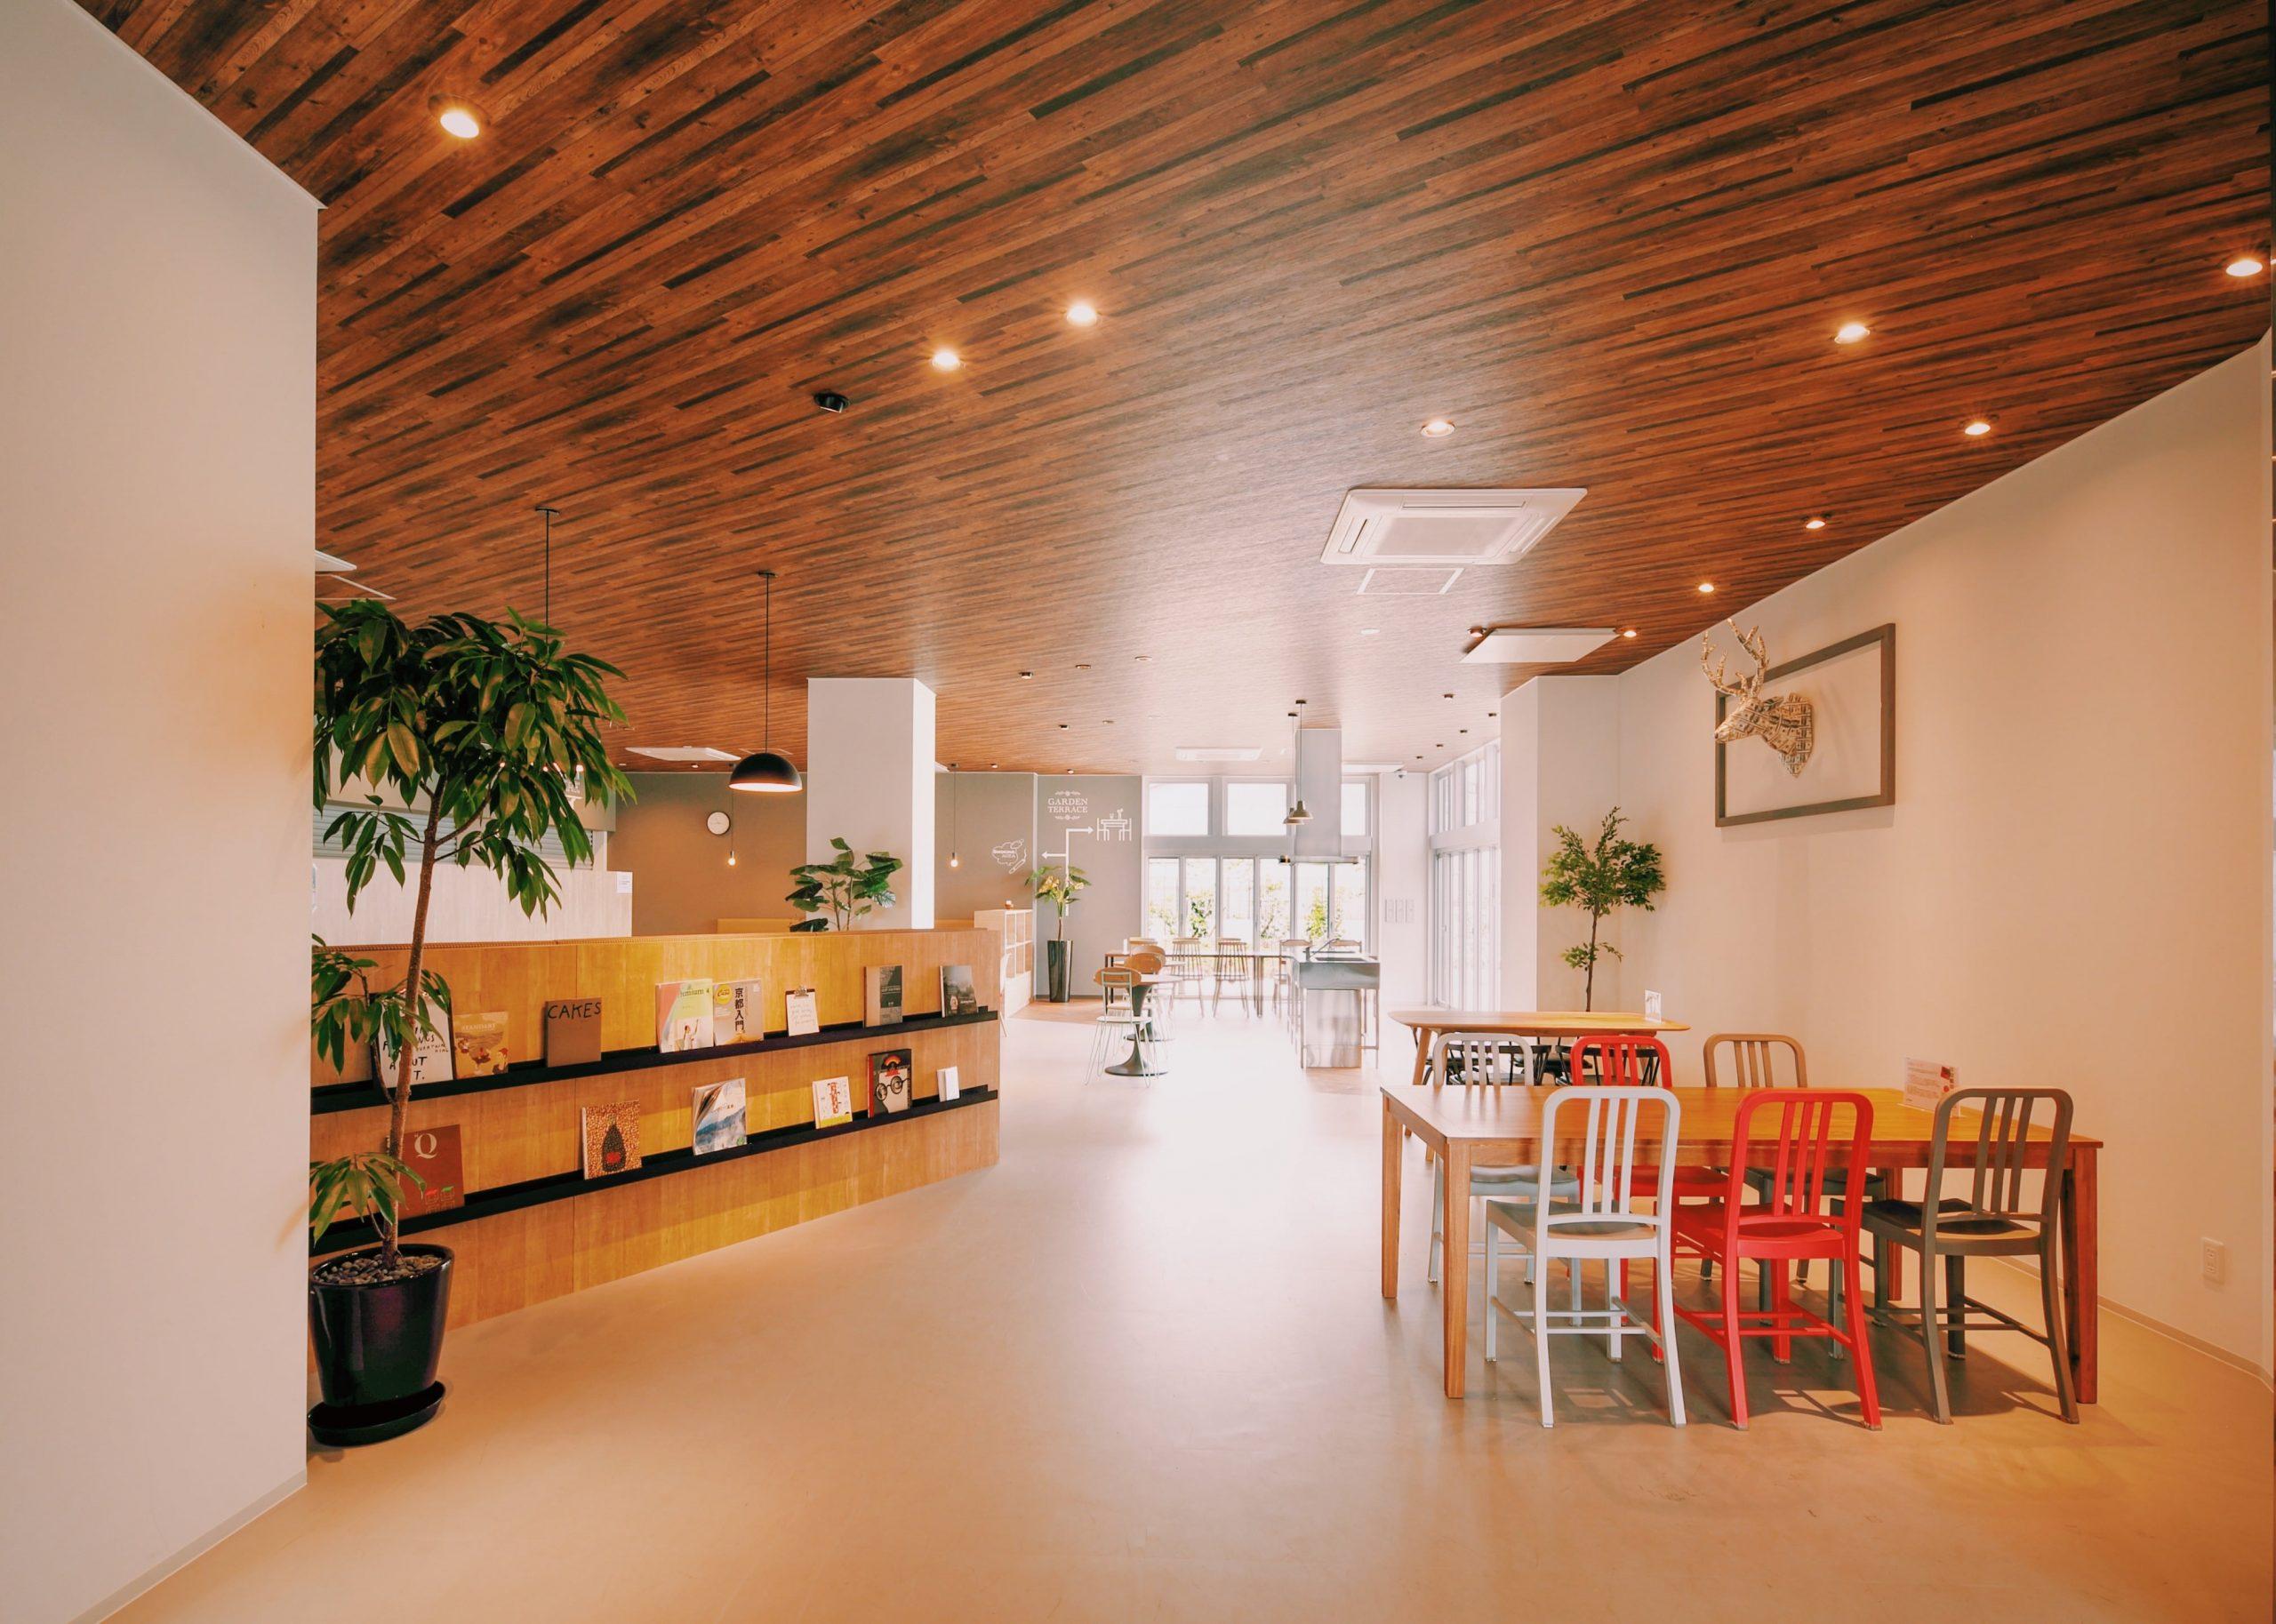 「ティーズカレッジ近畿大学前」カフェのようなおしゃれな共有スペース。宅都プロパティ大阪学生向けマンション総合サイト|studentroom